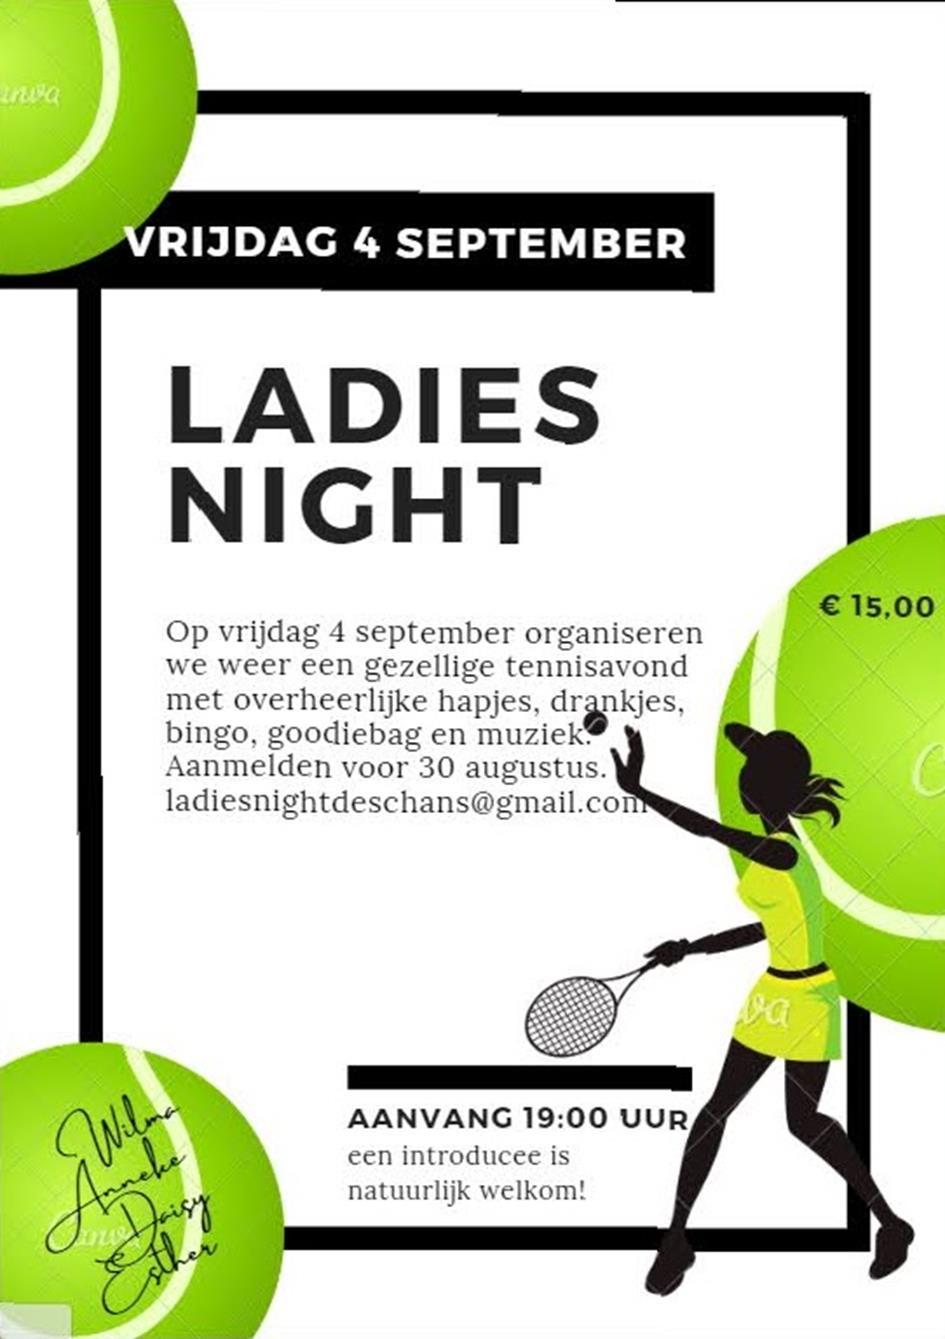 Uitnodiging Ladies Night 4 september 2020.png